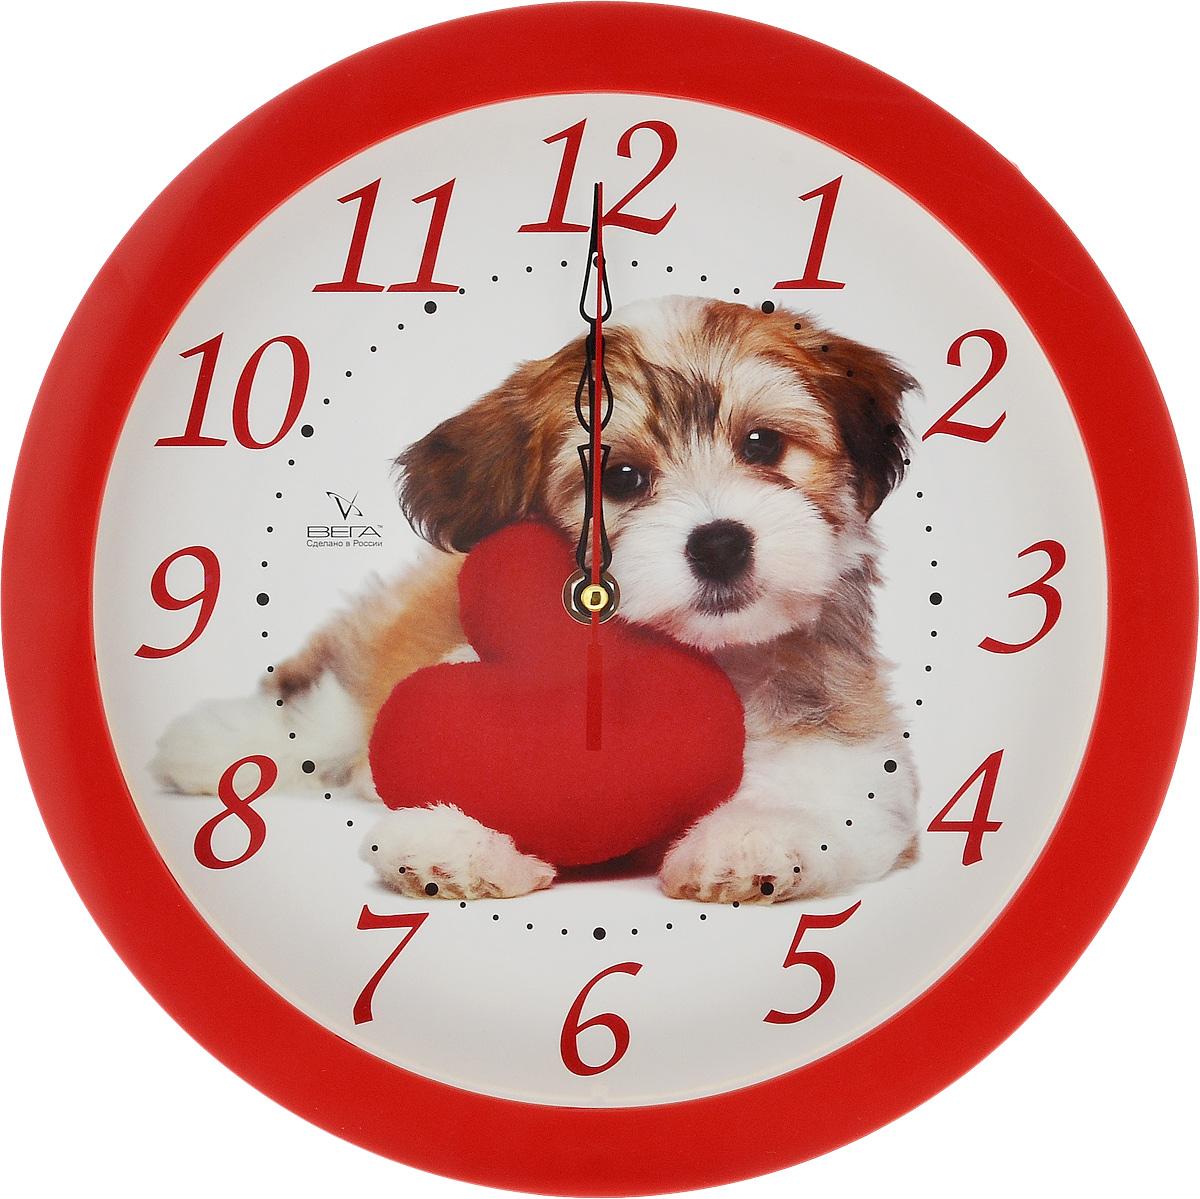 Часы настенные Вега Собака, диаметр 28,5 смП1-1/7-217Настенные кварцевые часы Вега Собака, изготовленные из пластика, прекрасно впишутся в интерьер вашего дома. Круглые часы имеют три стрелки: часовую, минутную и секундную, циферблат защищен прозрачным стеклом. Часы работают от 1 батарейки типа АА напряжением 1,5 В (не входит в комплект). Прилагается инструкция по эксплуатации. Диаметр часов: 28,5 см.